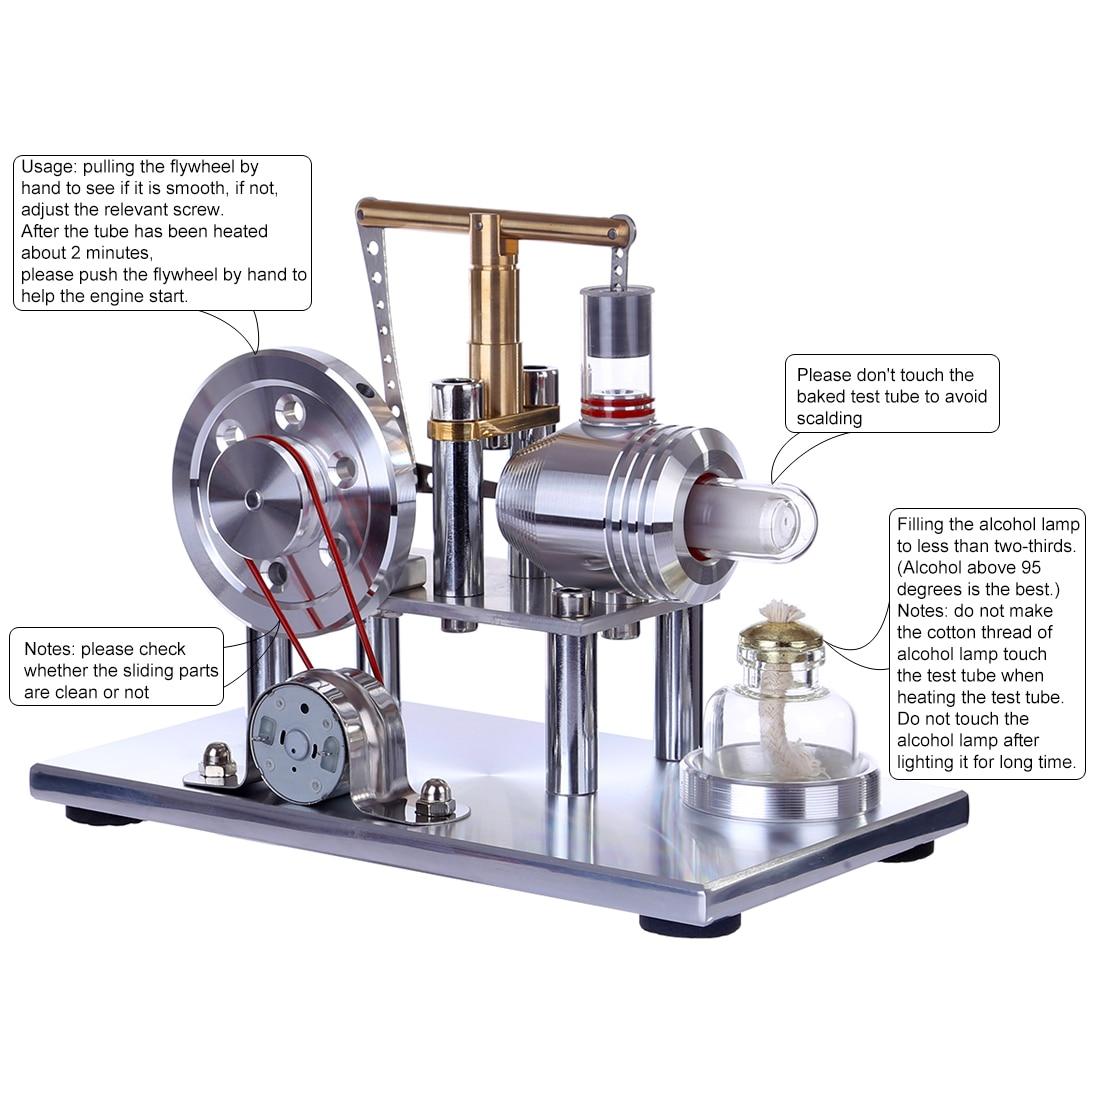 Balance Stirling générateur éducation modèle bricolage tige de vapeur modèle Kits de construction jouets pour enfants